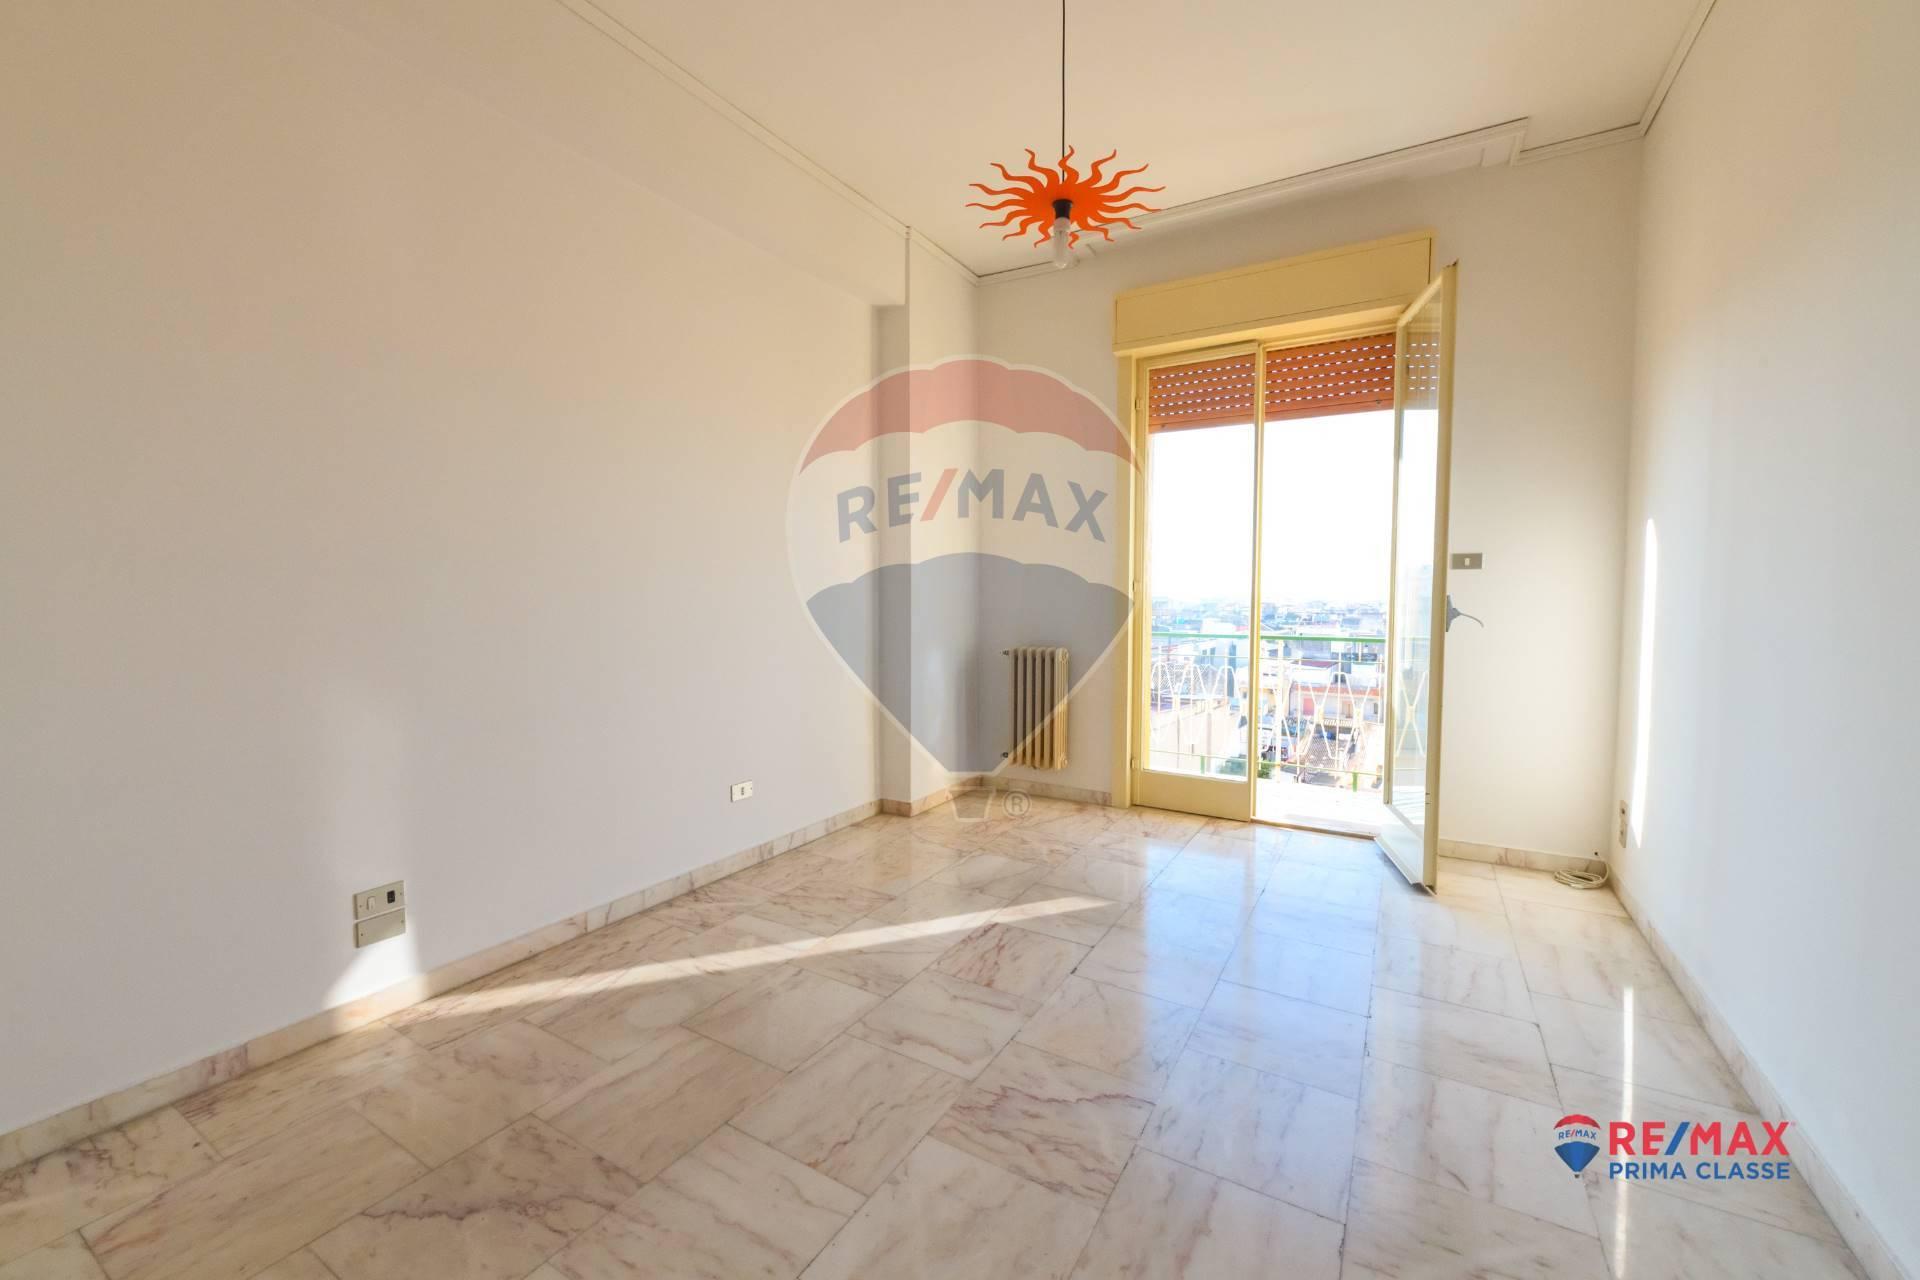 Appartamento in vendita a Vittoria, 8 locali, prezzo € 68.000 | CambioCasa.it